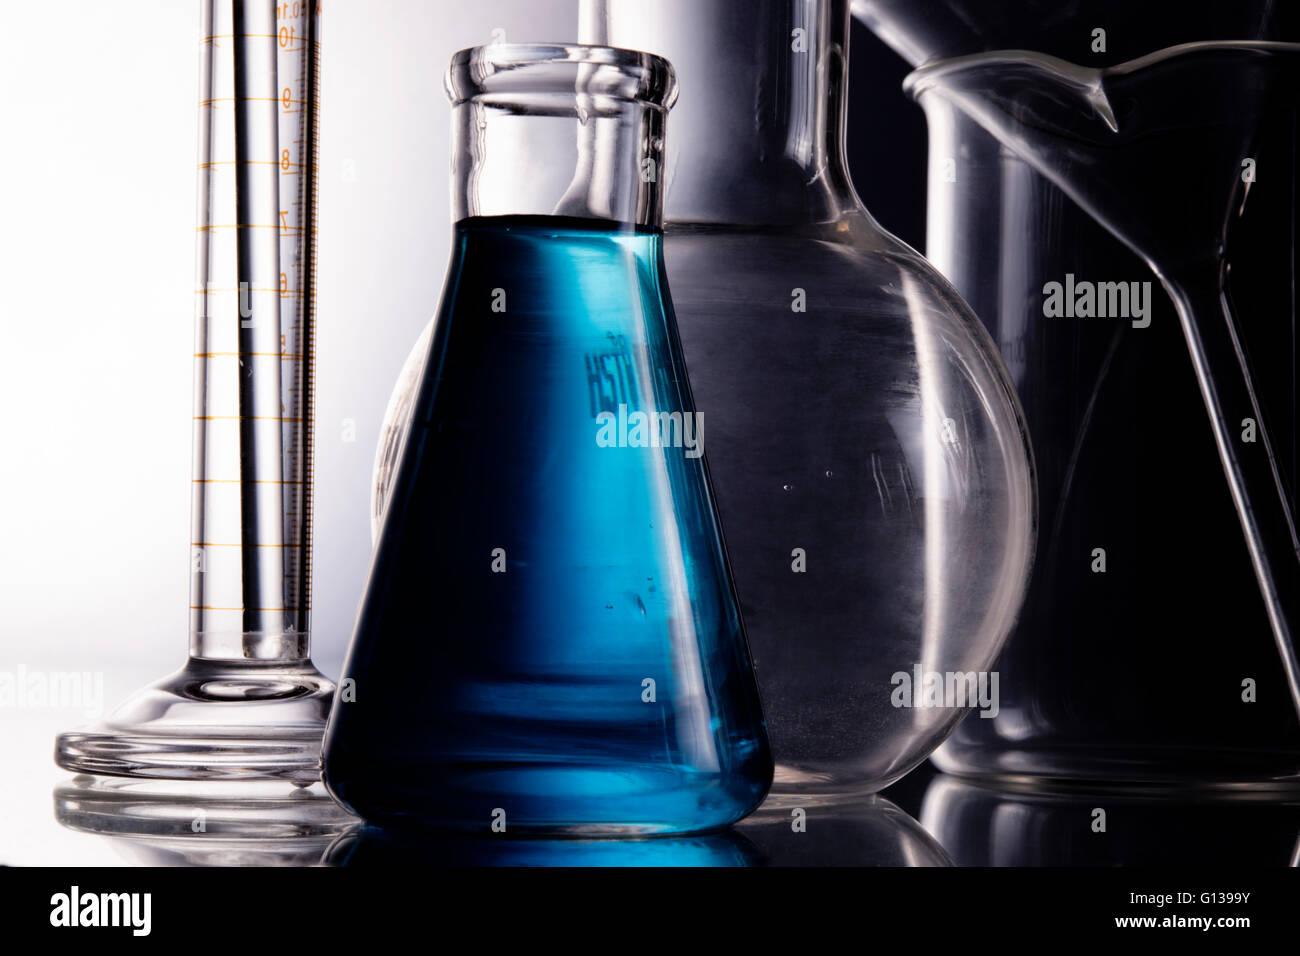 Blau Chemie im Erlenmeyerkolben, Flasche, Trichter mit Messzylinder Kochen Stockbild